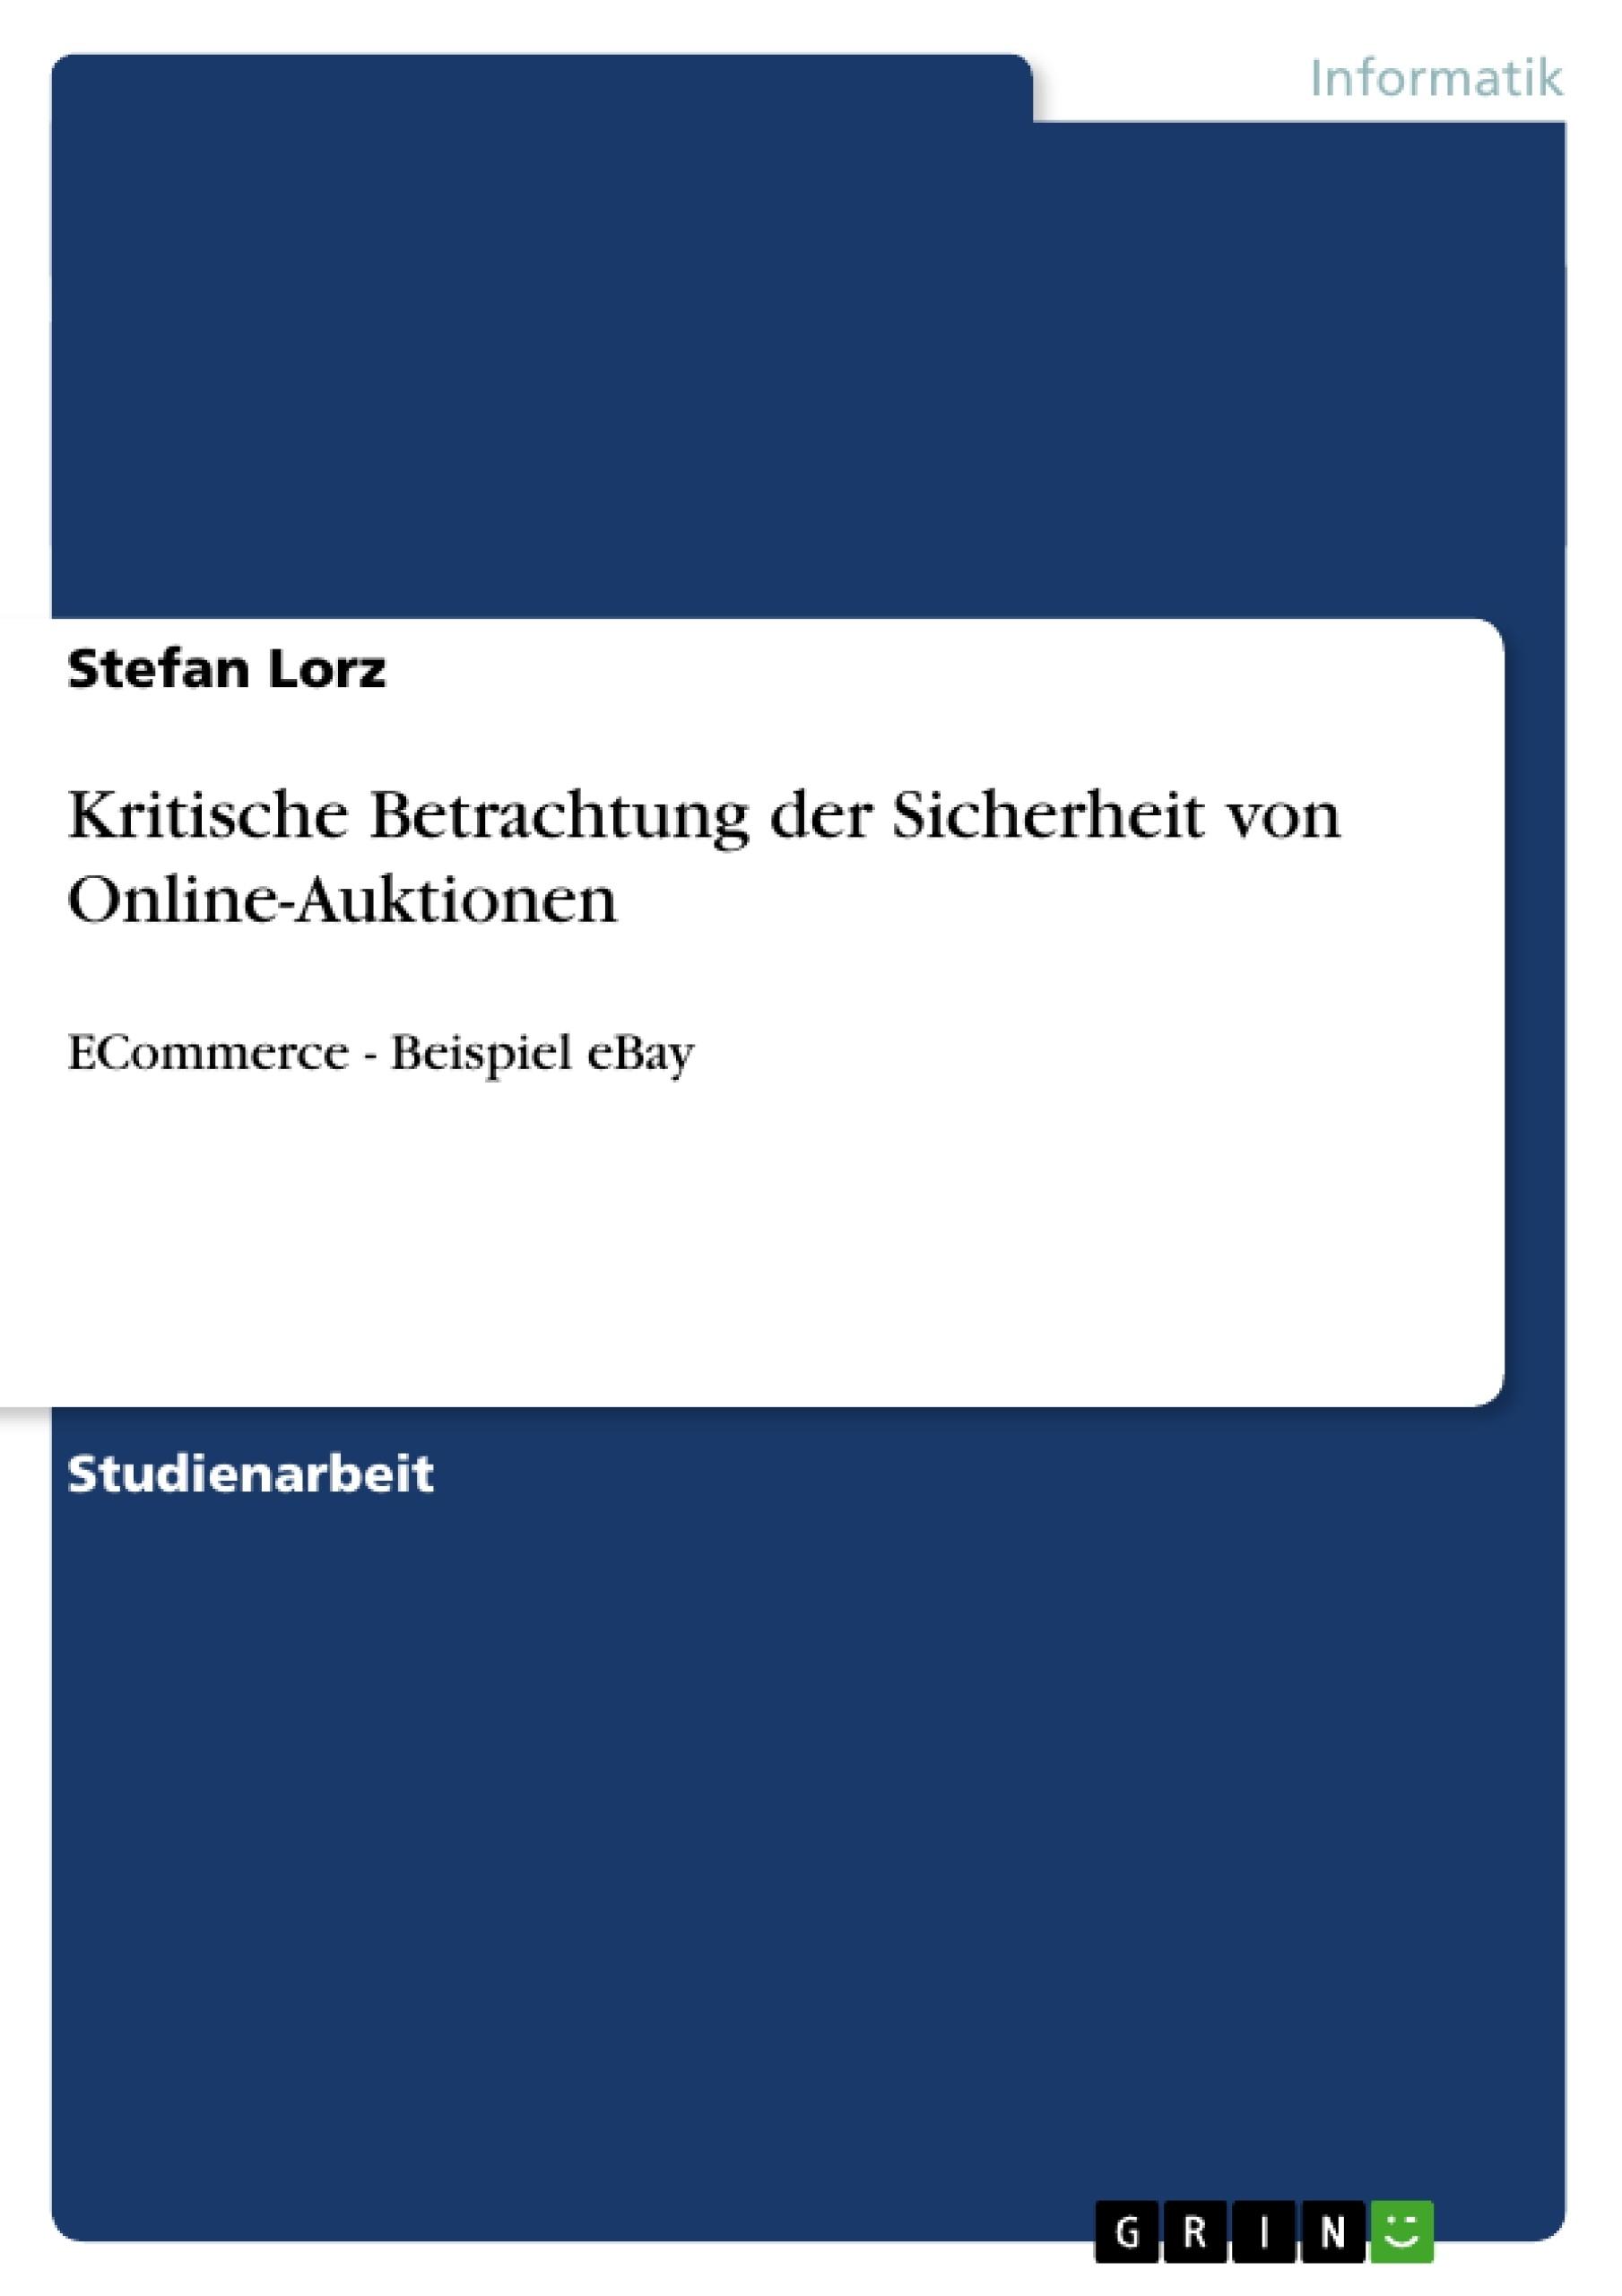 Titel: Kritische Betrachtung der Sicherheit von Online-Auktionen